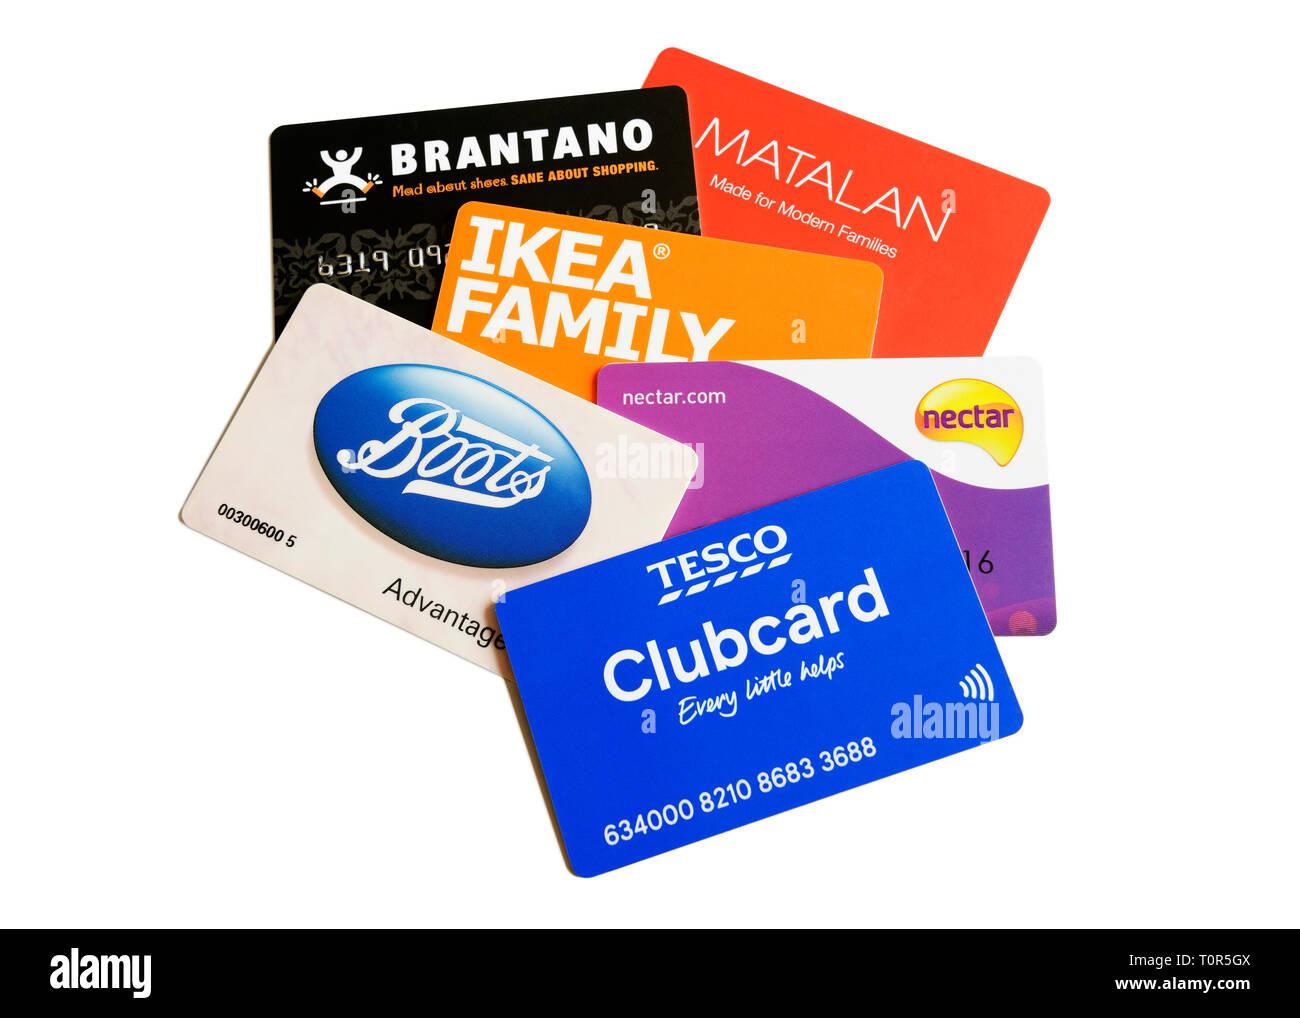 Cartes de fidélité, Royaume-Uni Photo Stock